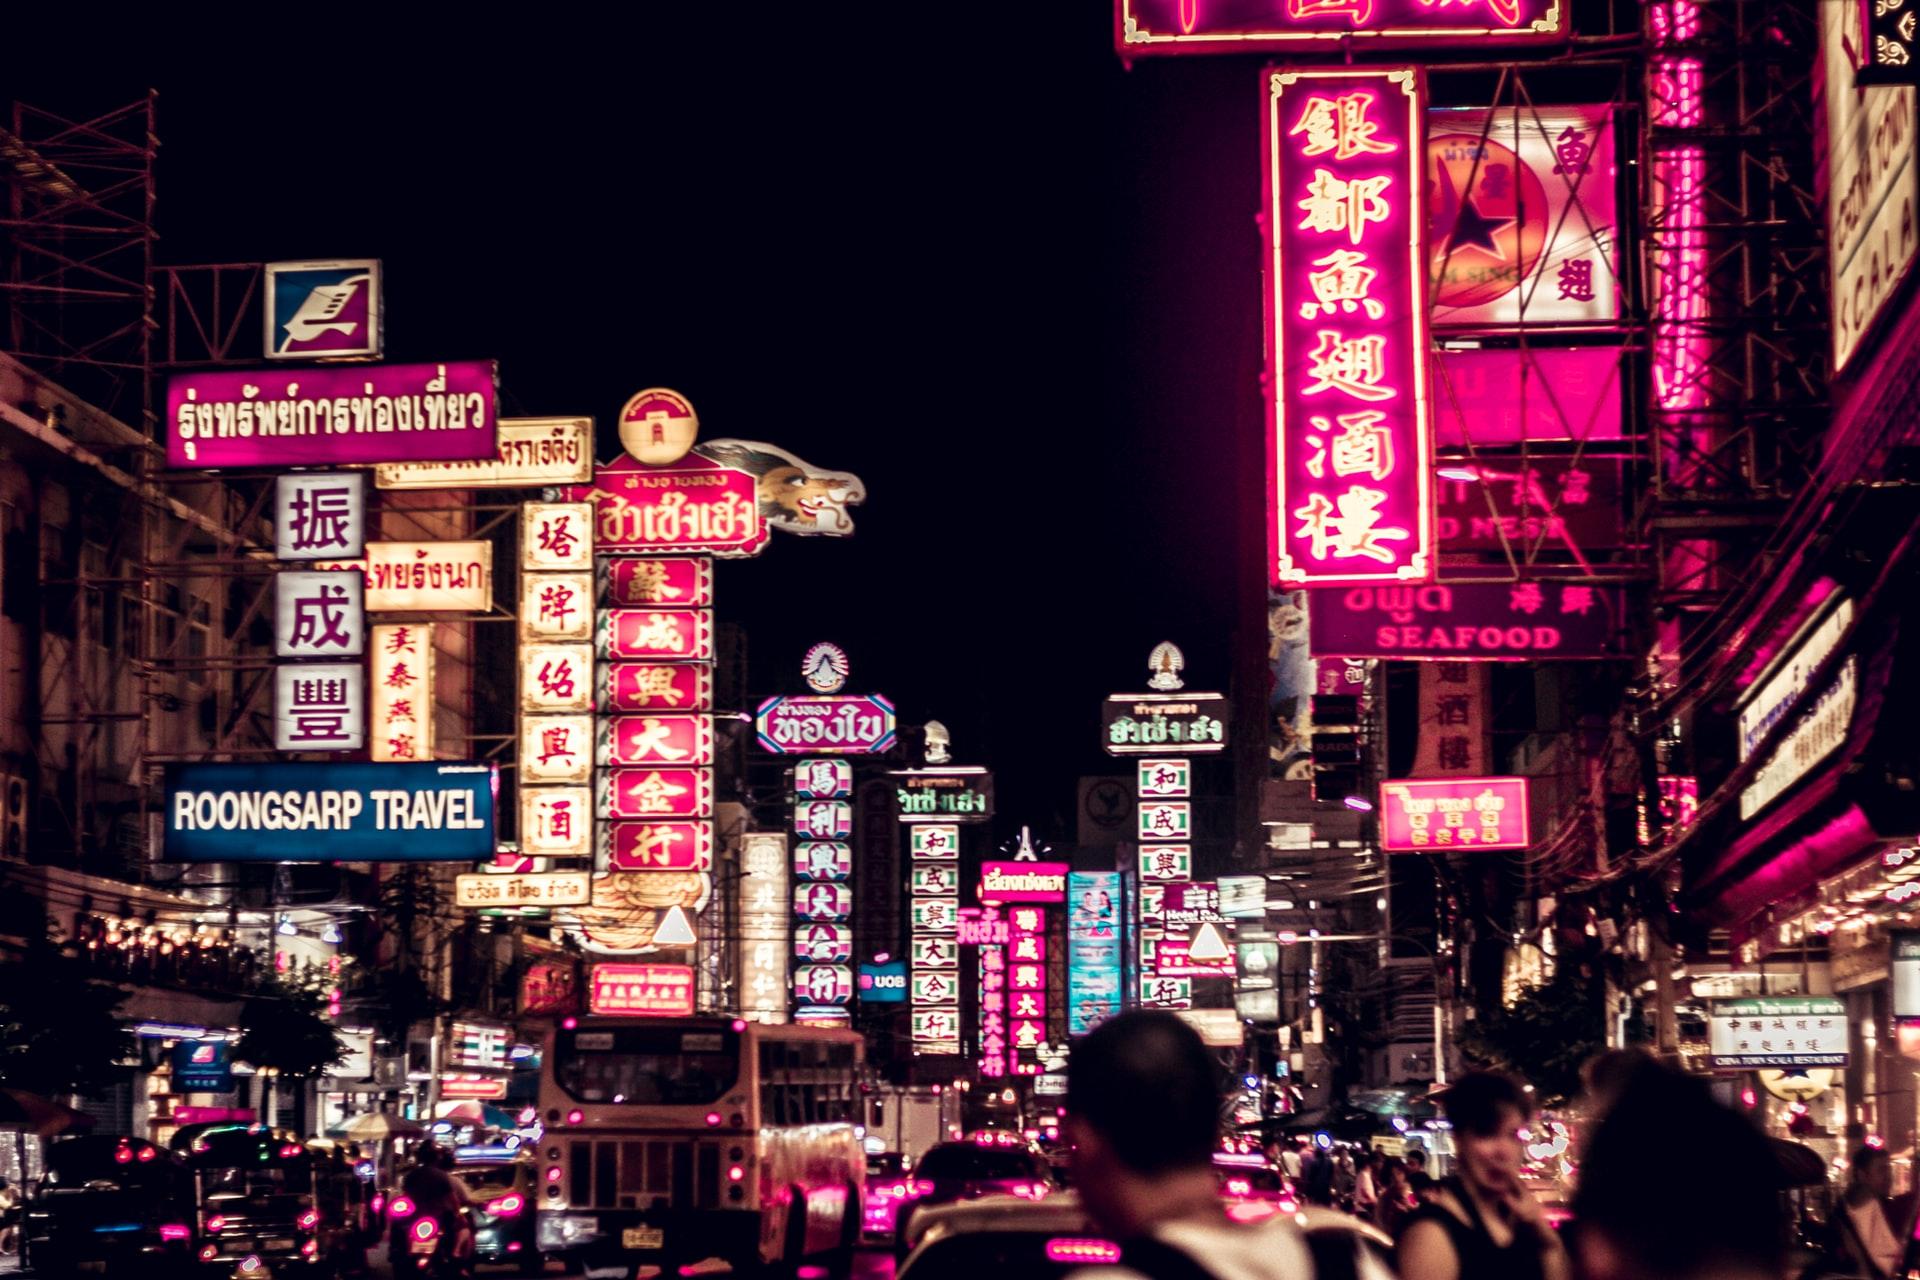 Fokozódik a nemzetbiztonsági törvény miatti feszültség a legnagyobb közösségi oldalak és Hongkong között